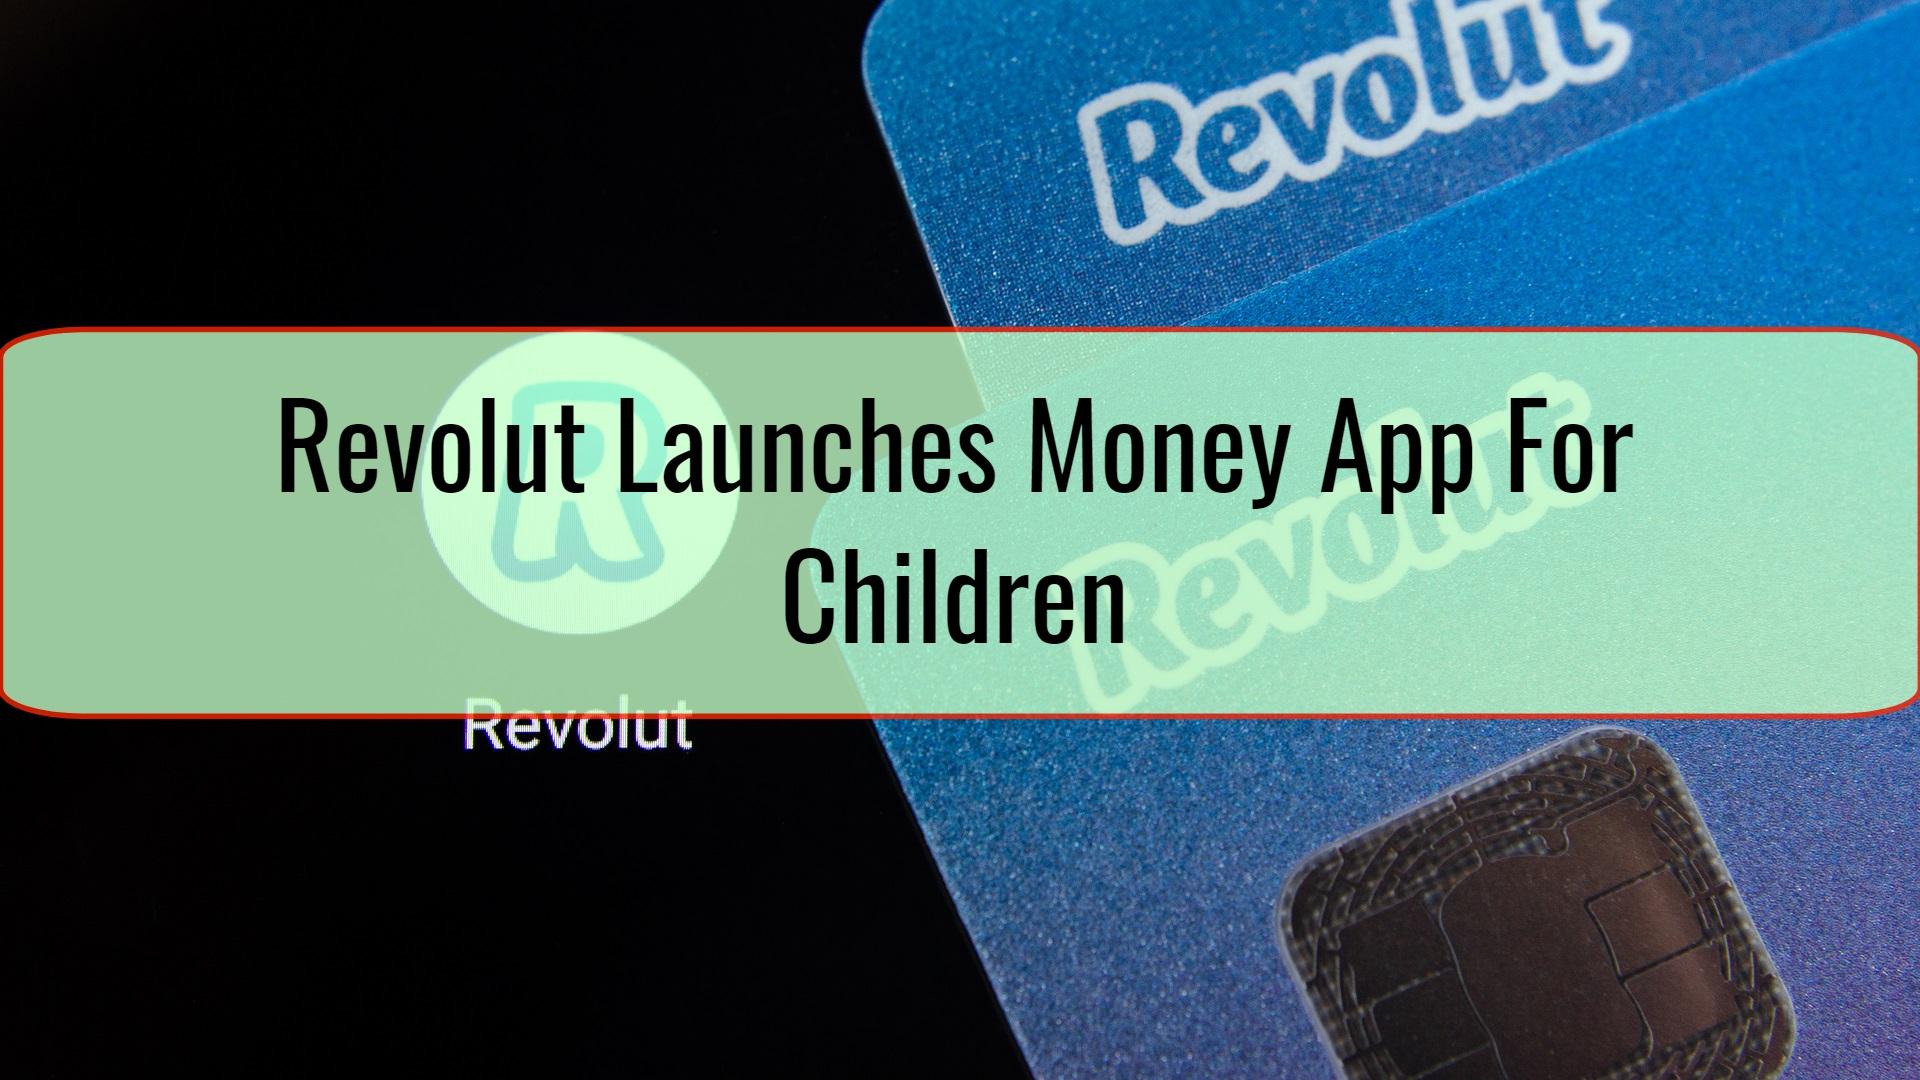 Revolut Launches Money App For Children